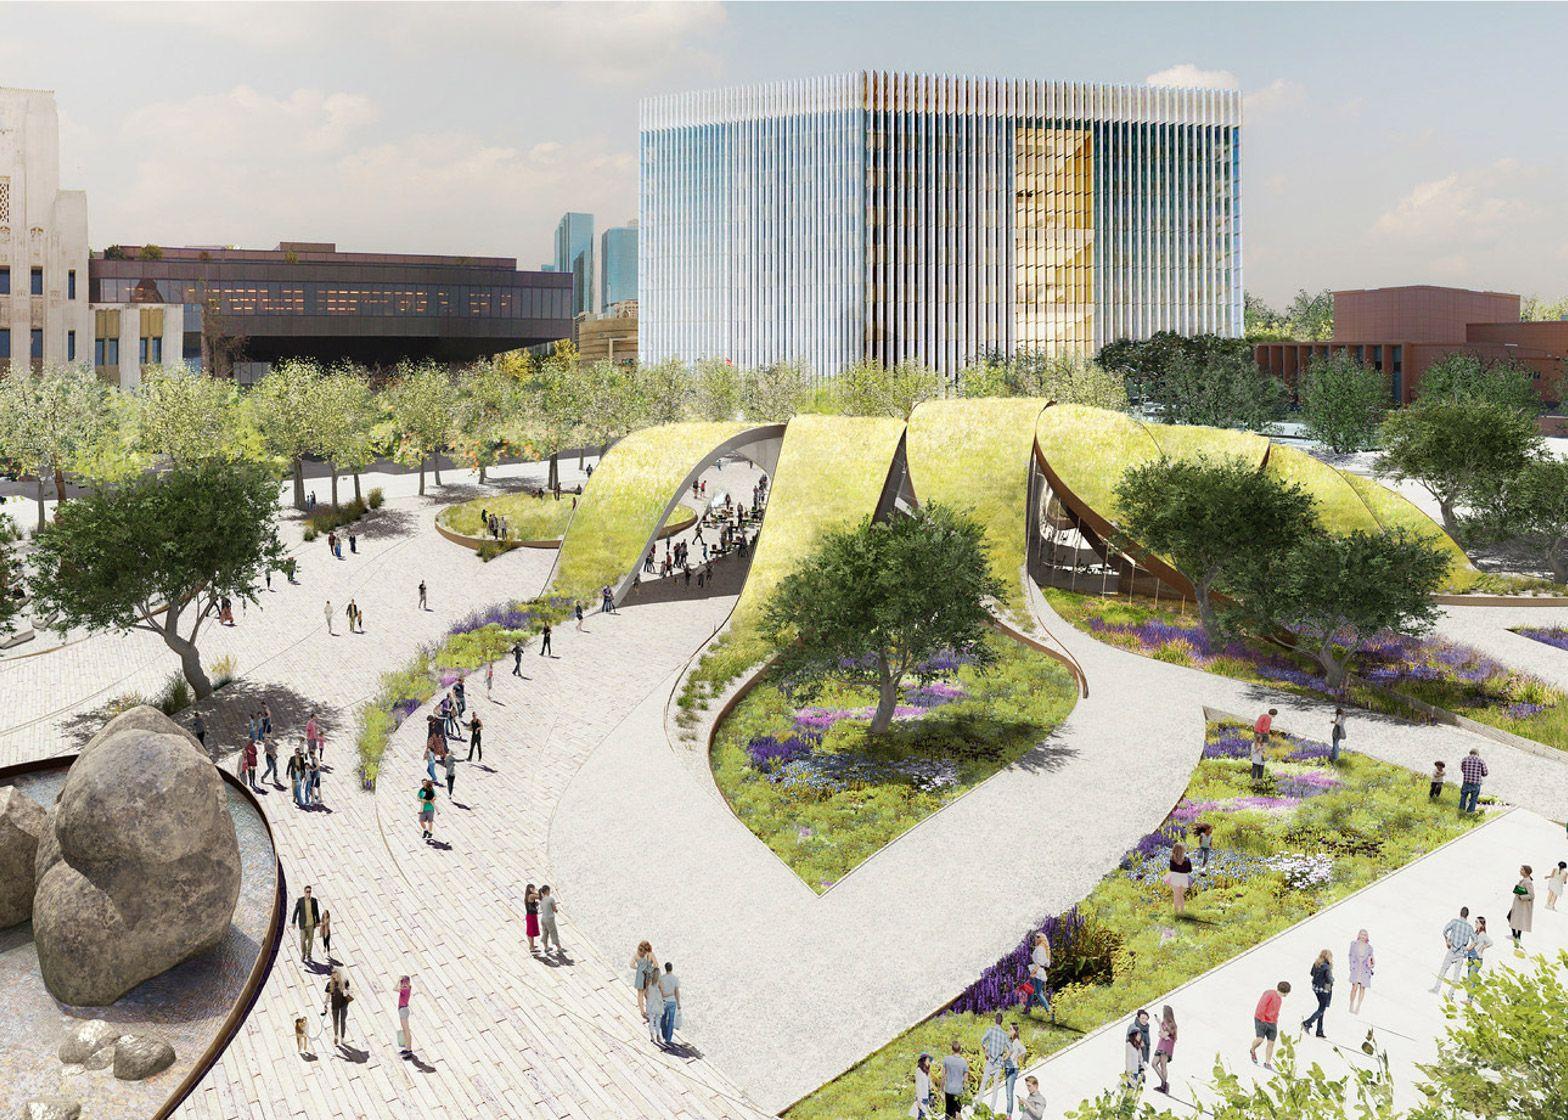 Center Park, Centre, Proposals, Living Spaces, Los Angeles, Architects,  Parks, Dancing, Sketch